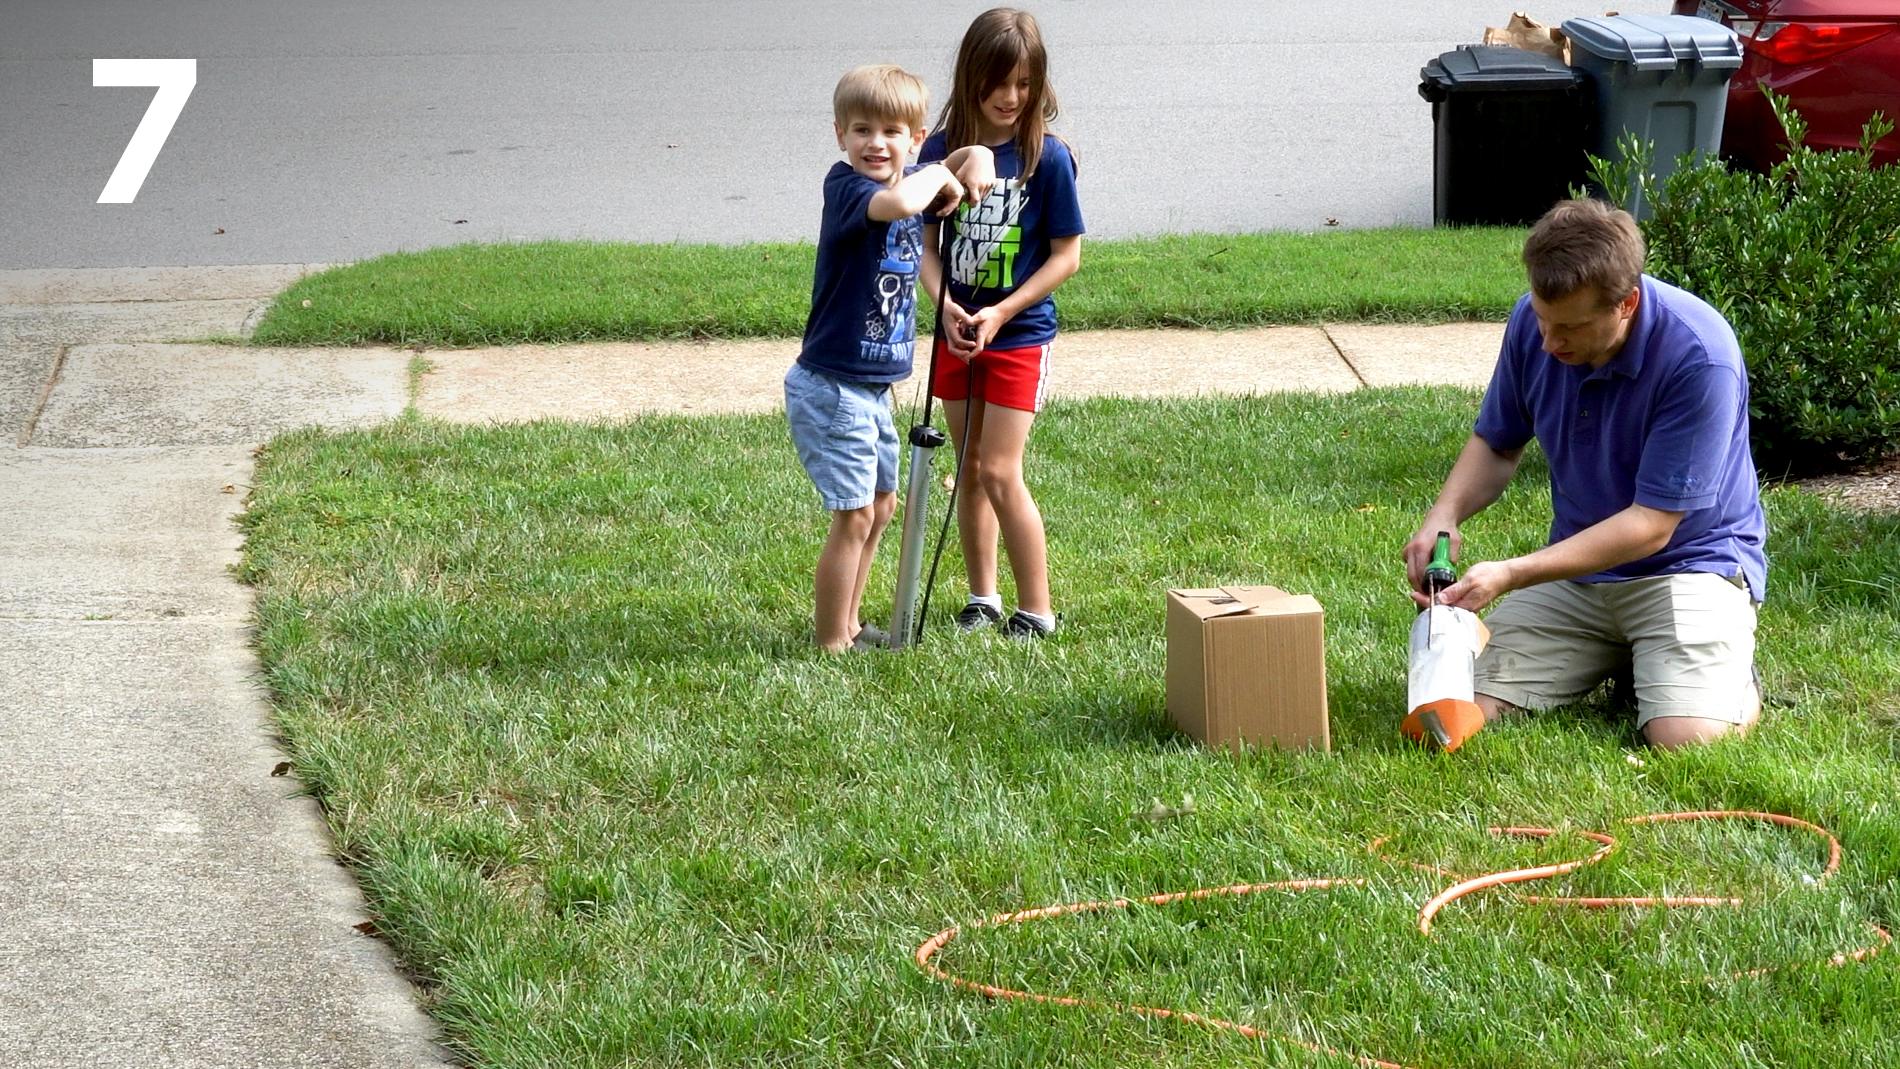 STEM at Home: Bottle Rocket 7